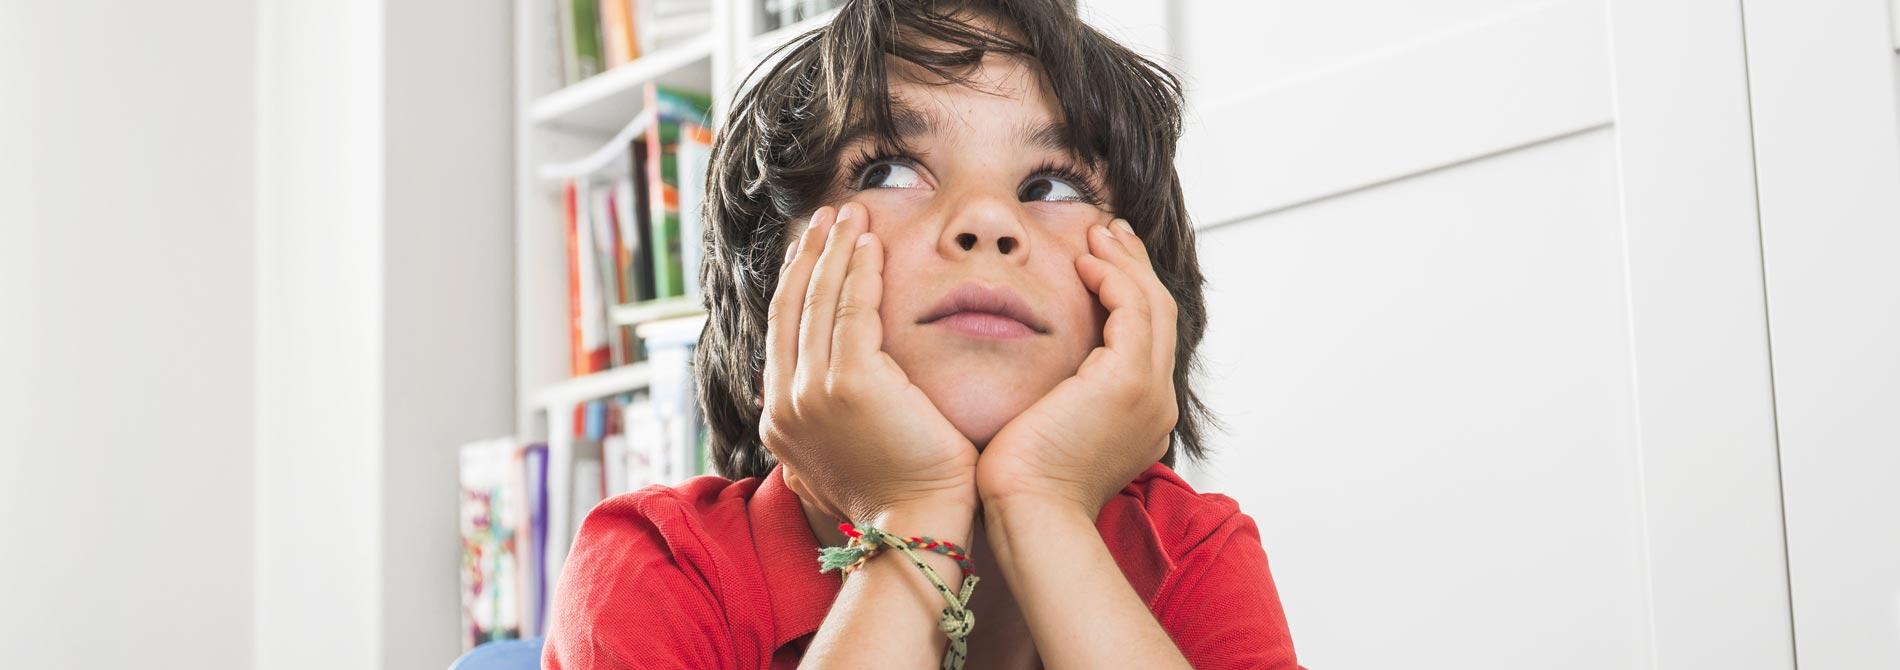 El pensamiento crítico: Los beneficios de enseñar filosofía a los niños